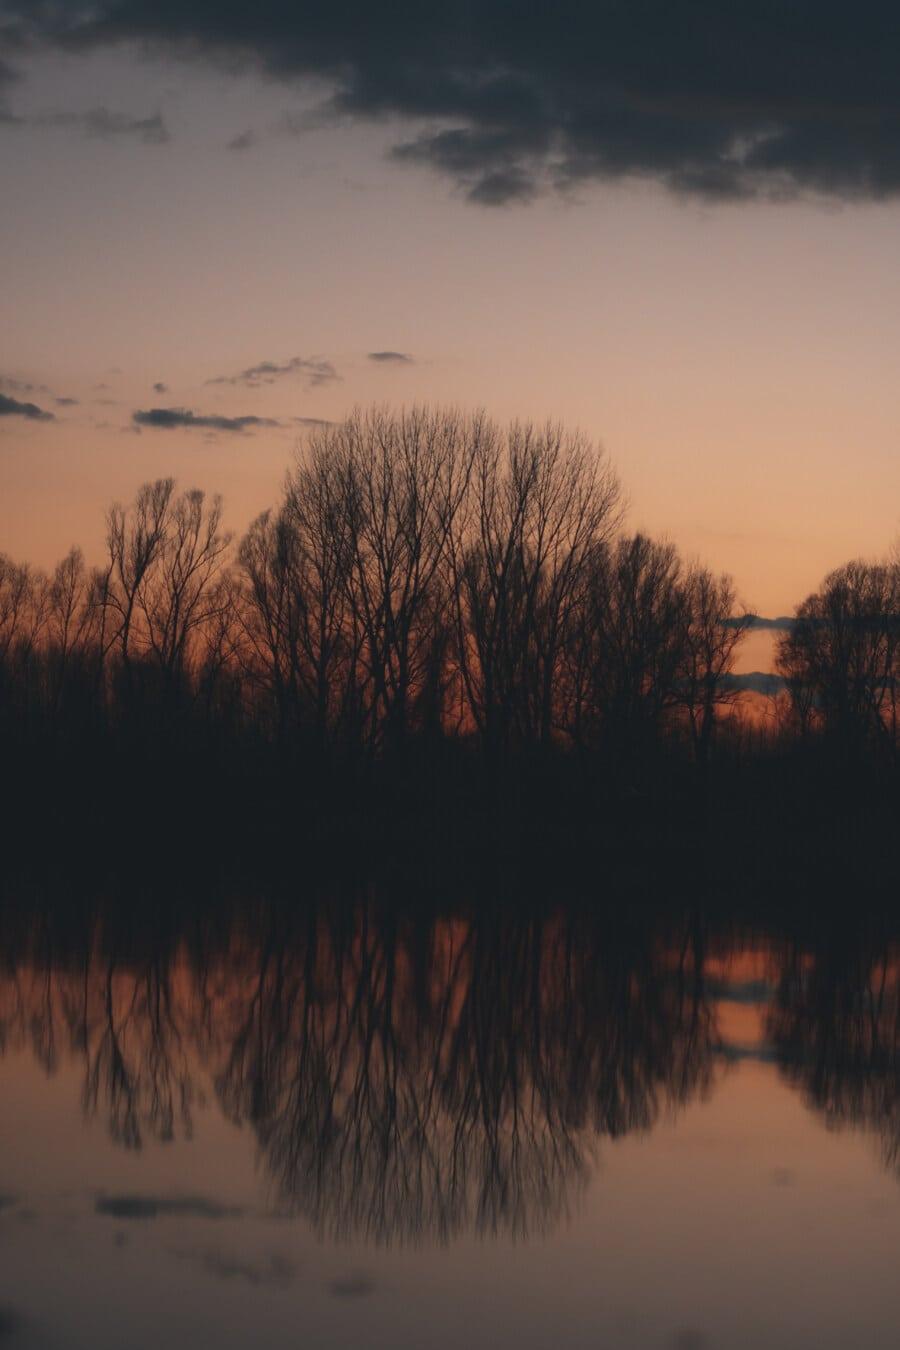 Wasser, Reflexion, majestätisch, Dämmerung, Sonnenuntergang, Dämmerung, Sonne, 'Nabend, Landschaft, See